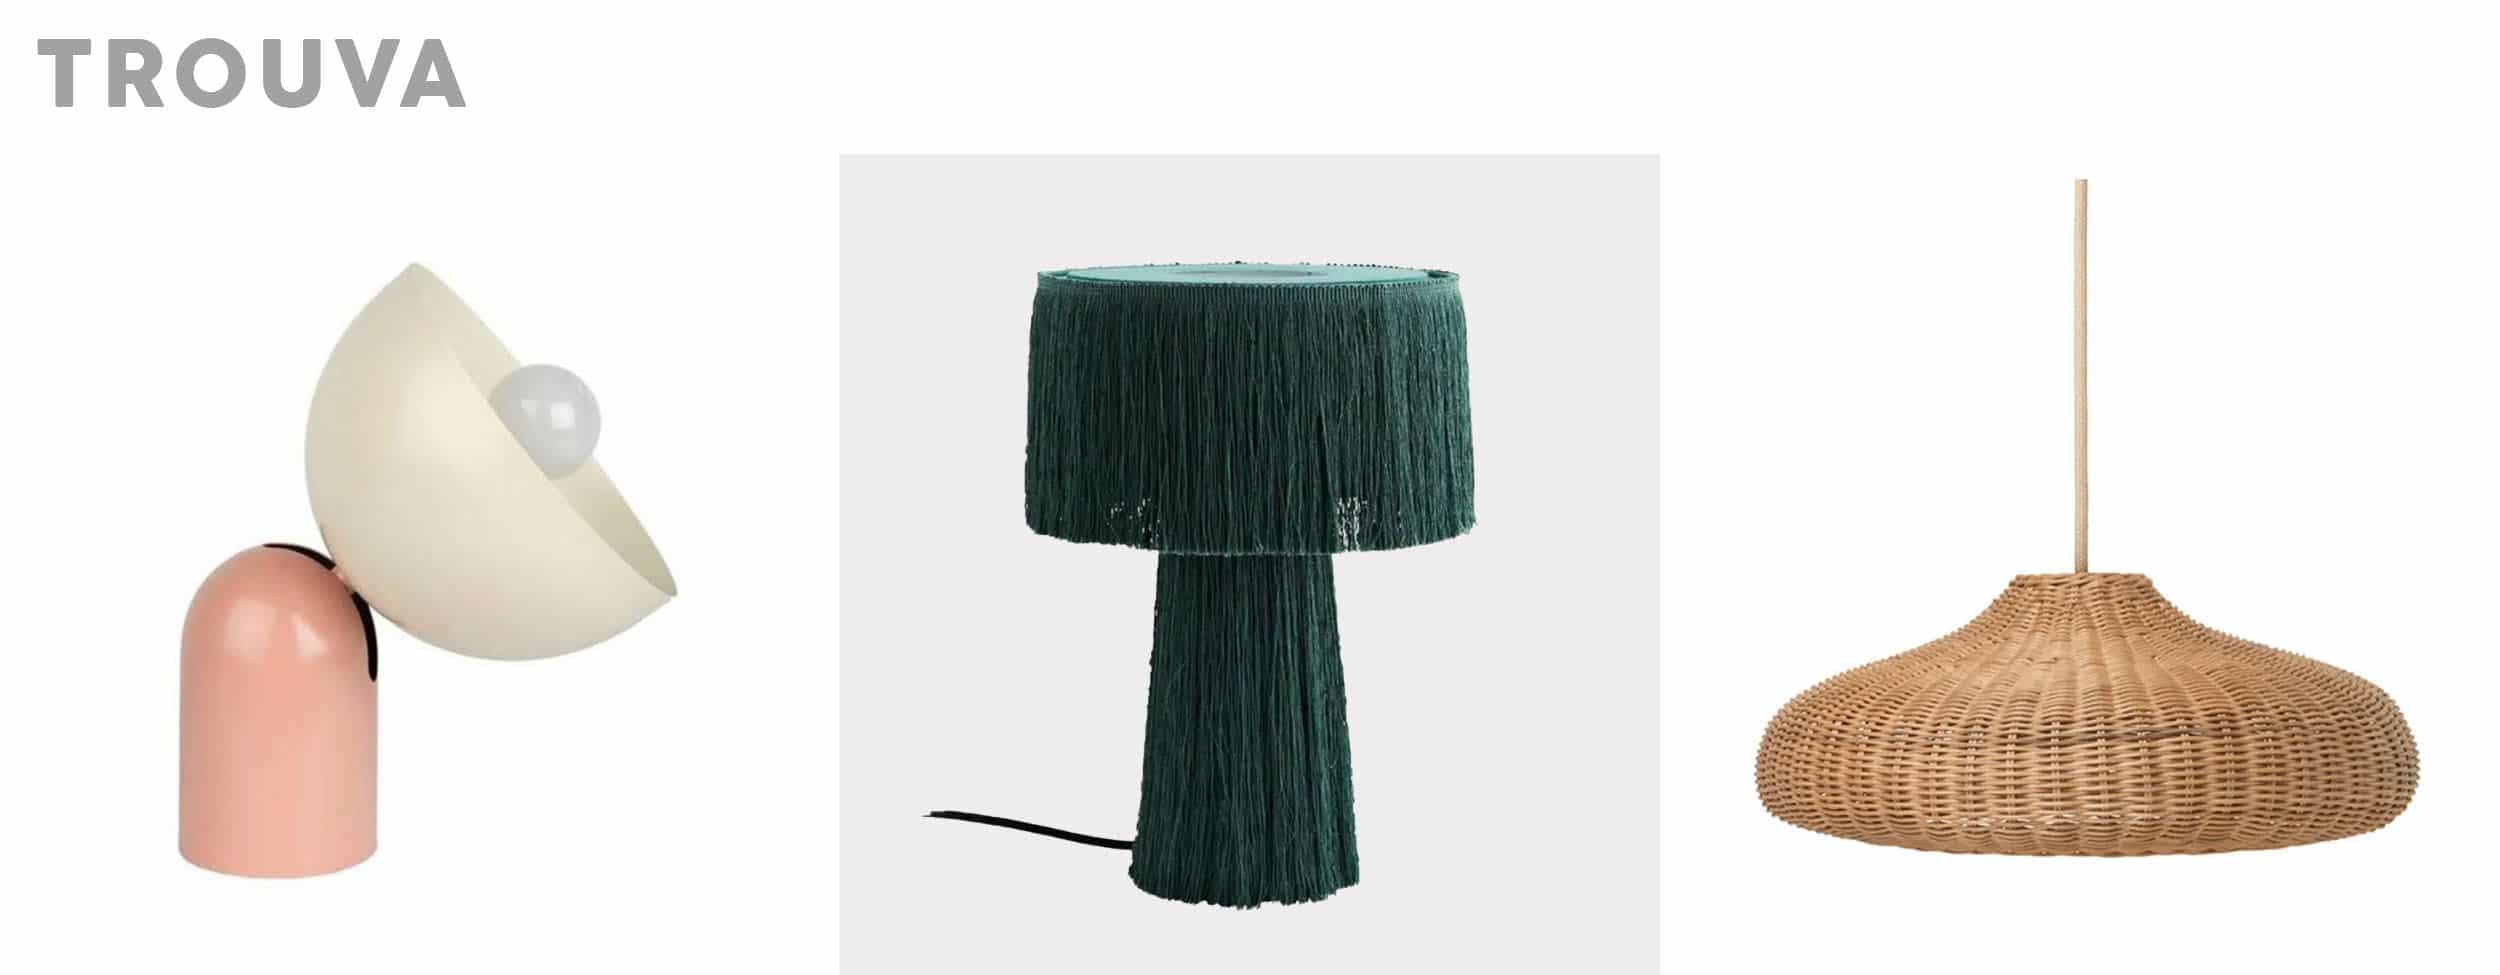 Emily Henderson affordable living room lighting_21